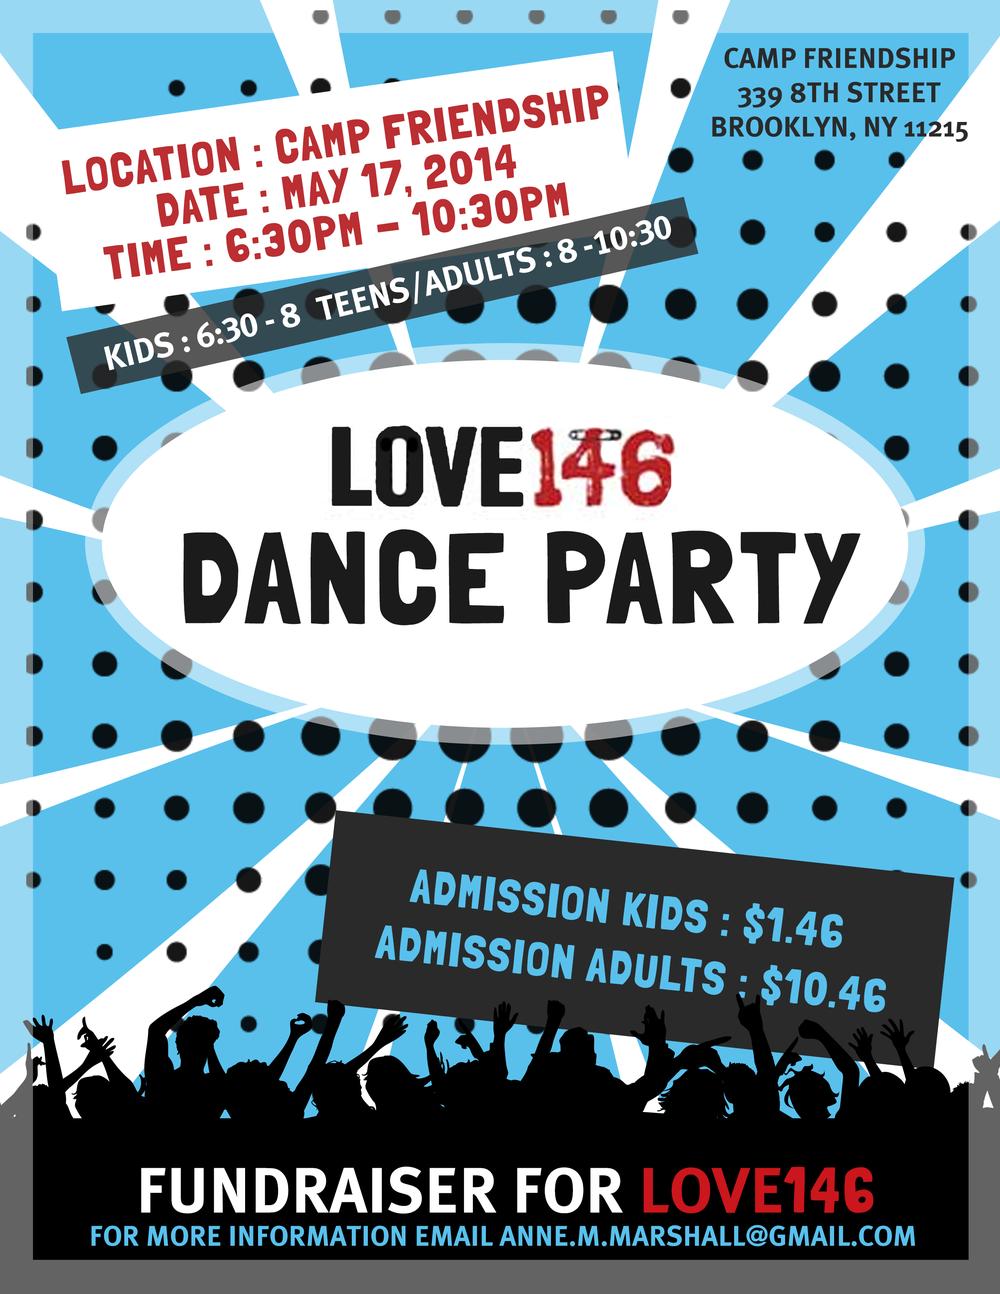 Love146 fundraiser flyer design